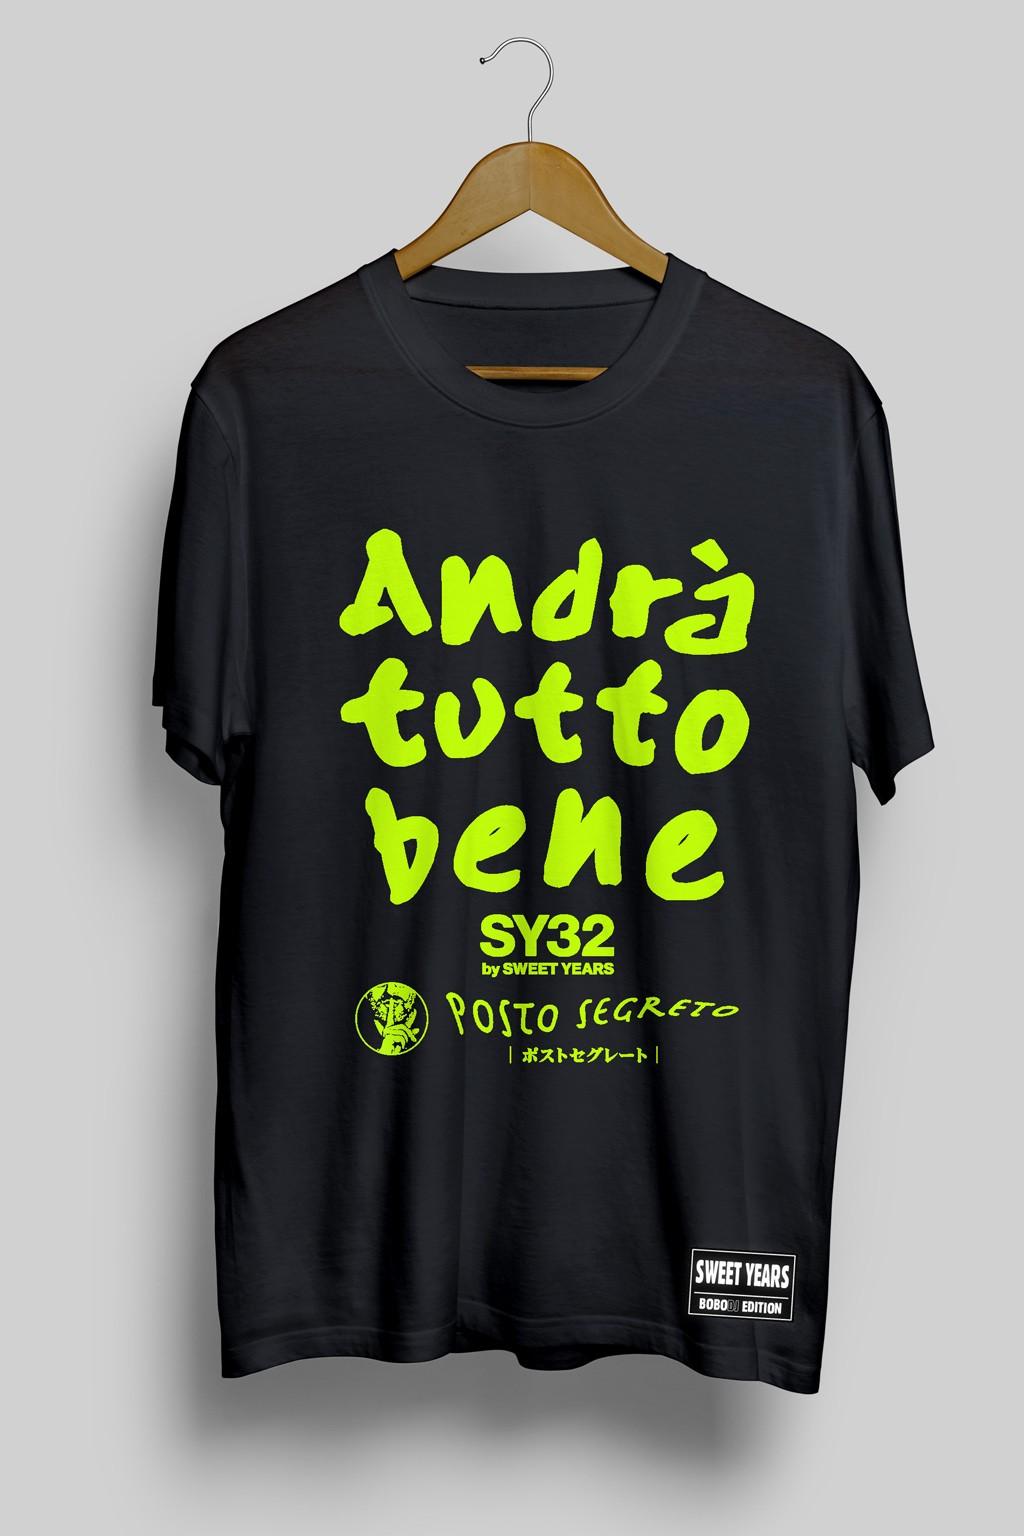 T-shirt Sweet Years edizione limitata Andrà Tutto Bene per Covid19.